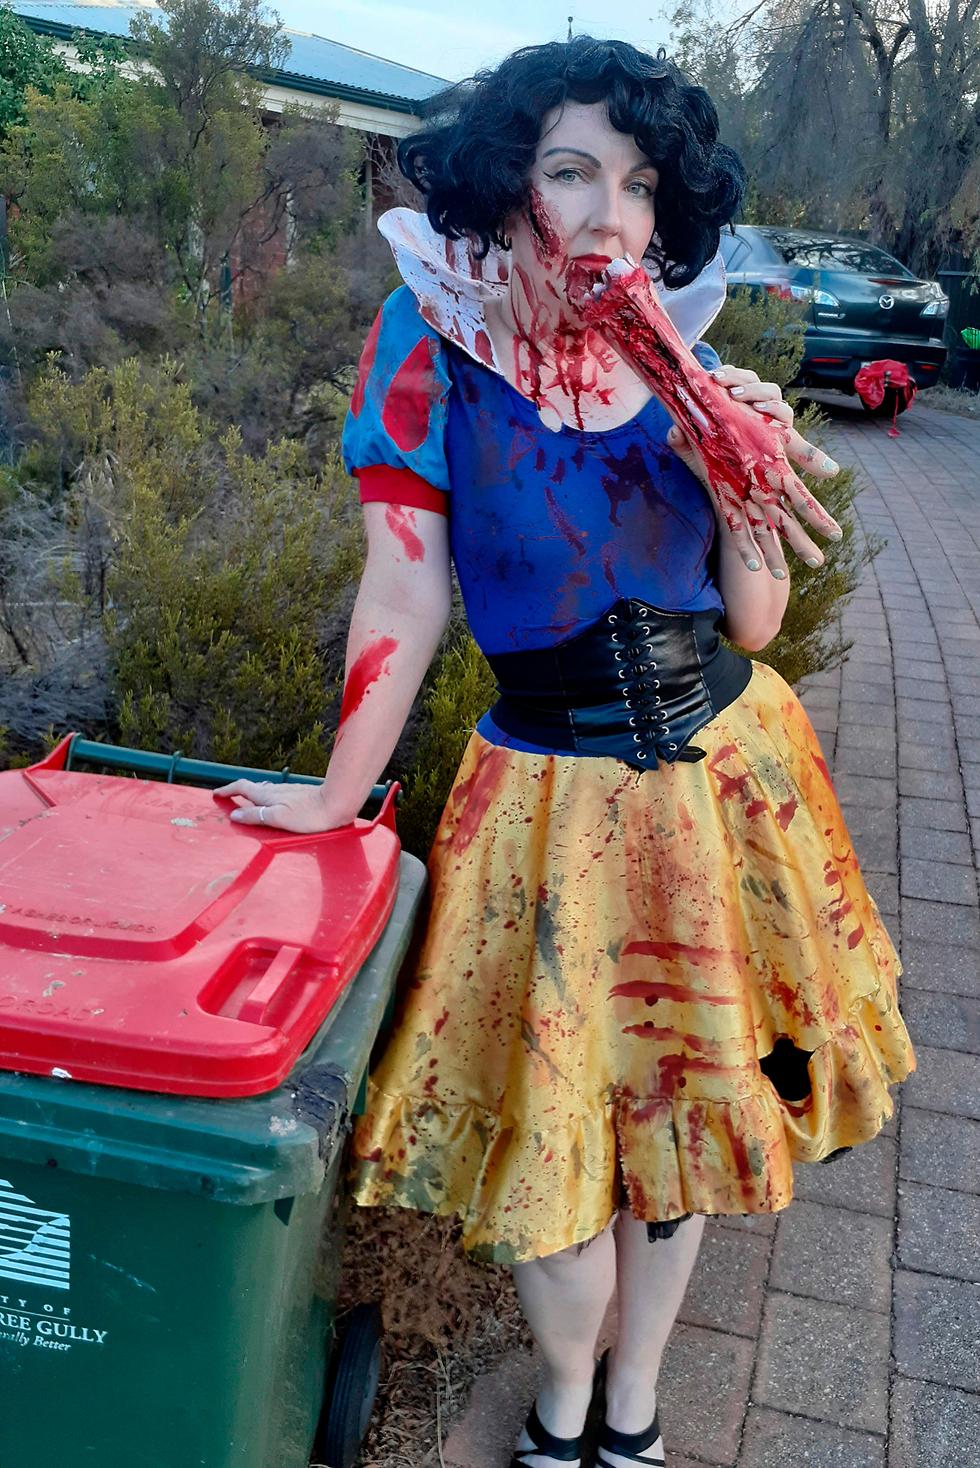 נגיף קורונה תופעה מתלבשים יפה לגרור פחי זבל אוסטרליה ג'ודי ביגנל ב אדלייד (צילום: AFP, Courtesy of Jodie Bignall)